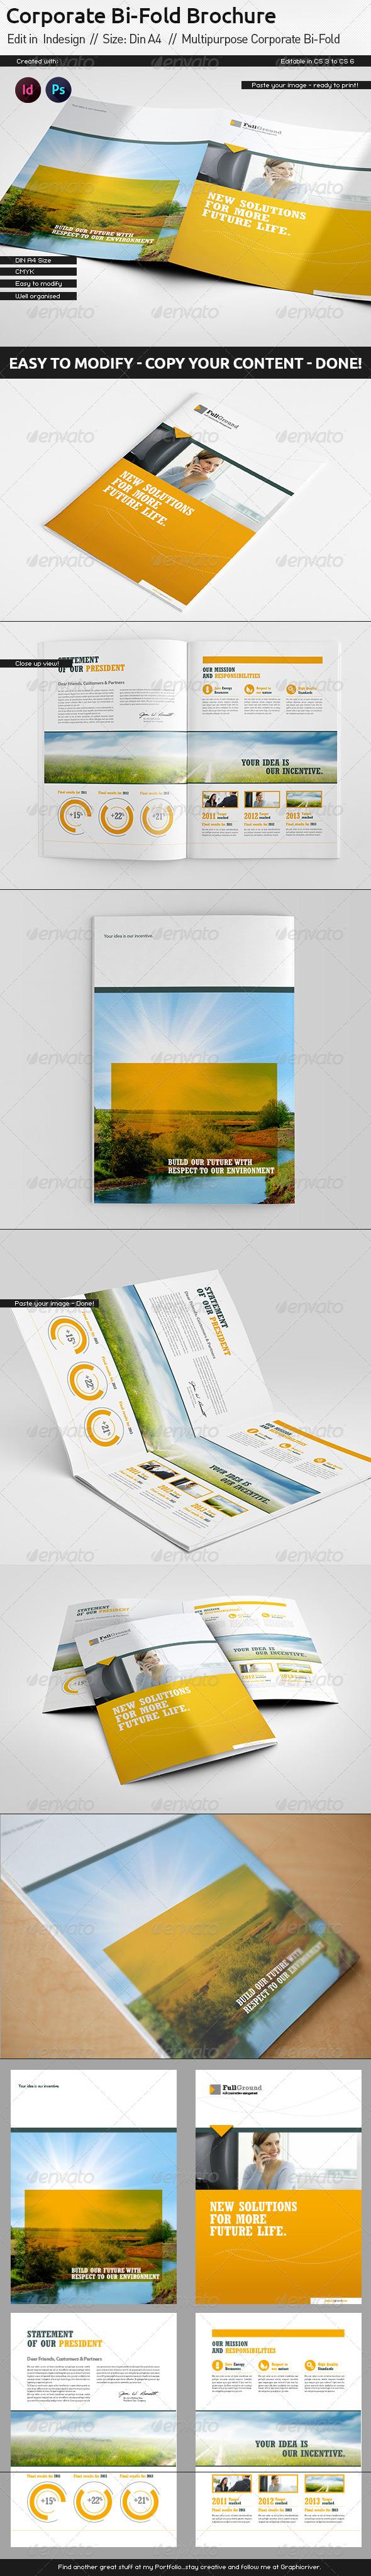 Corporate Report Din A4 Bi-Fold